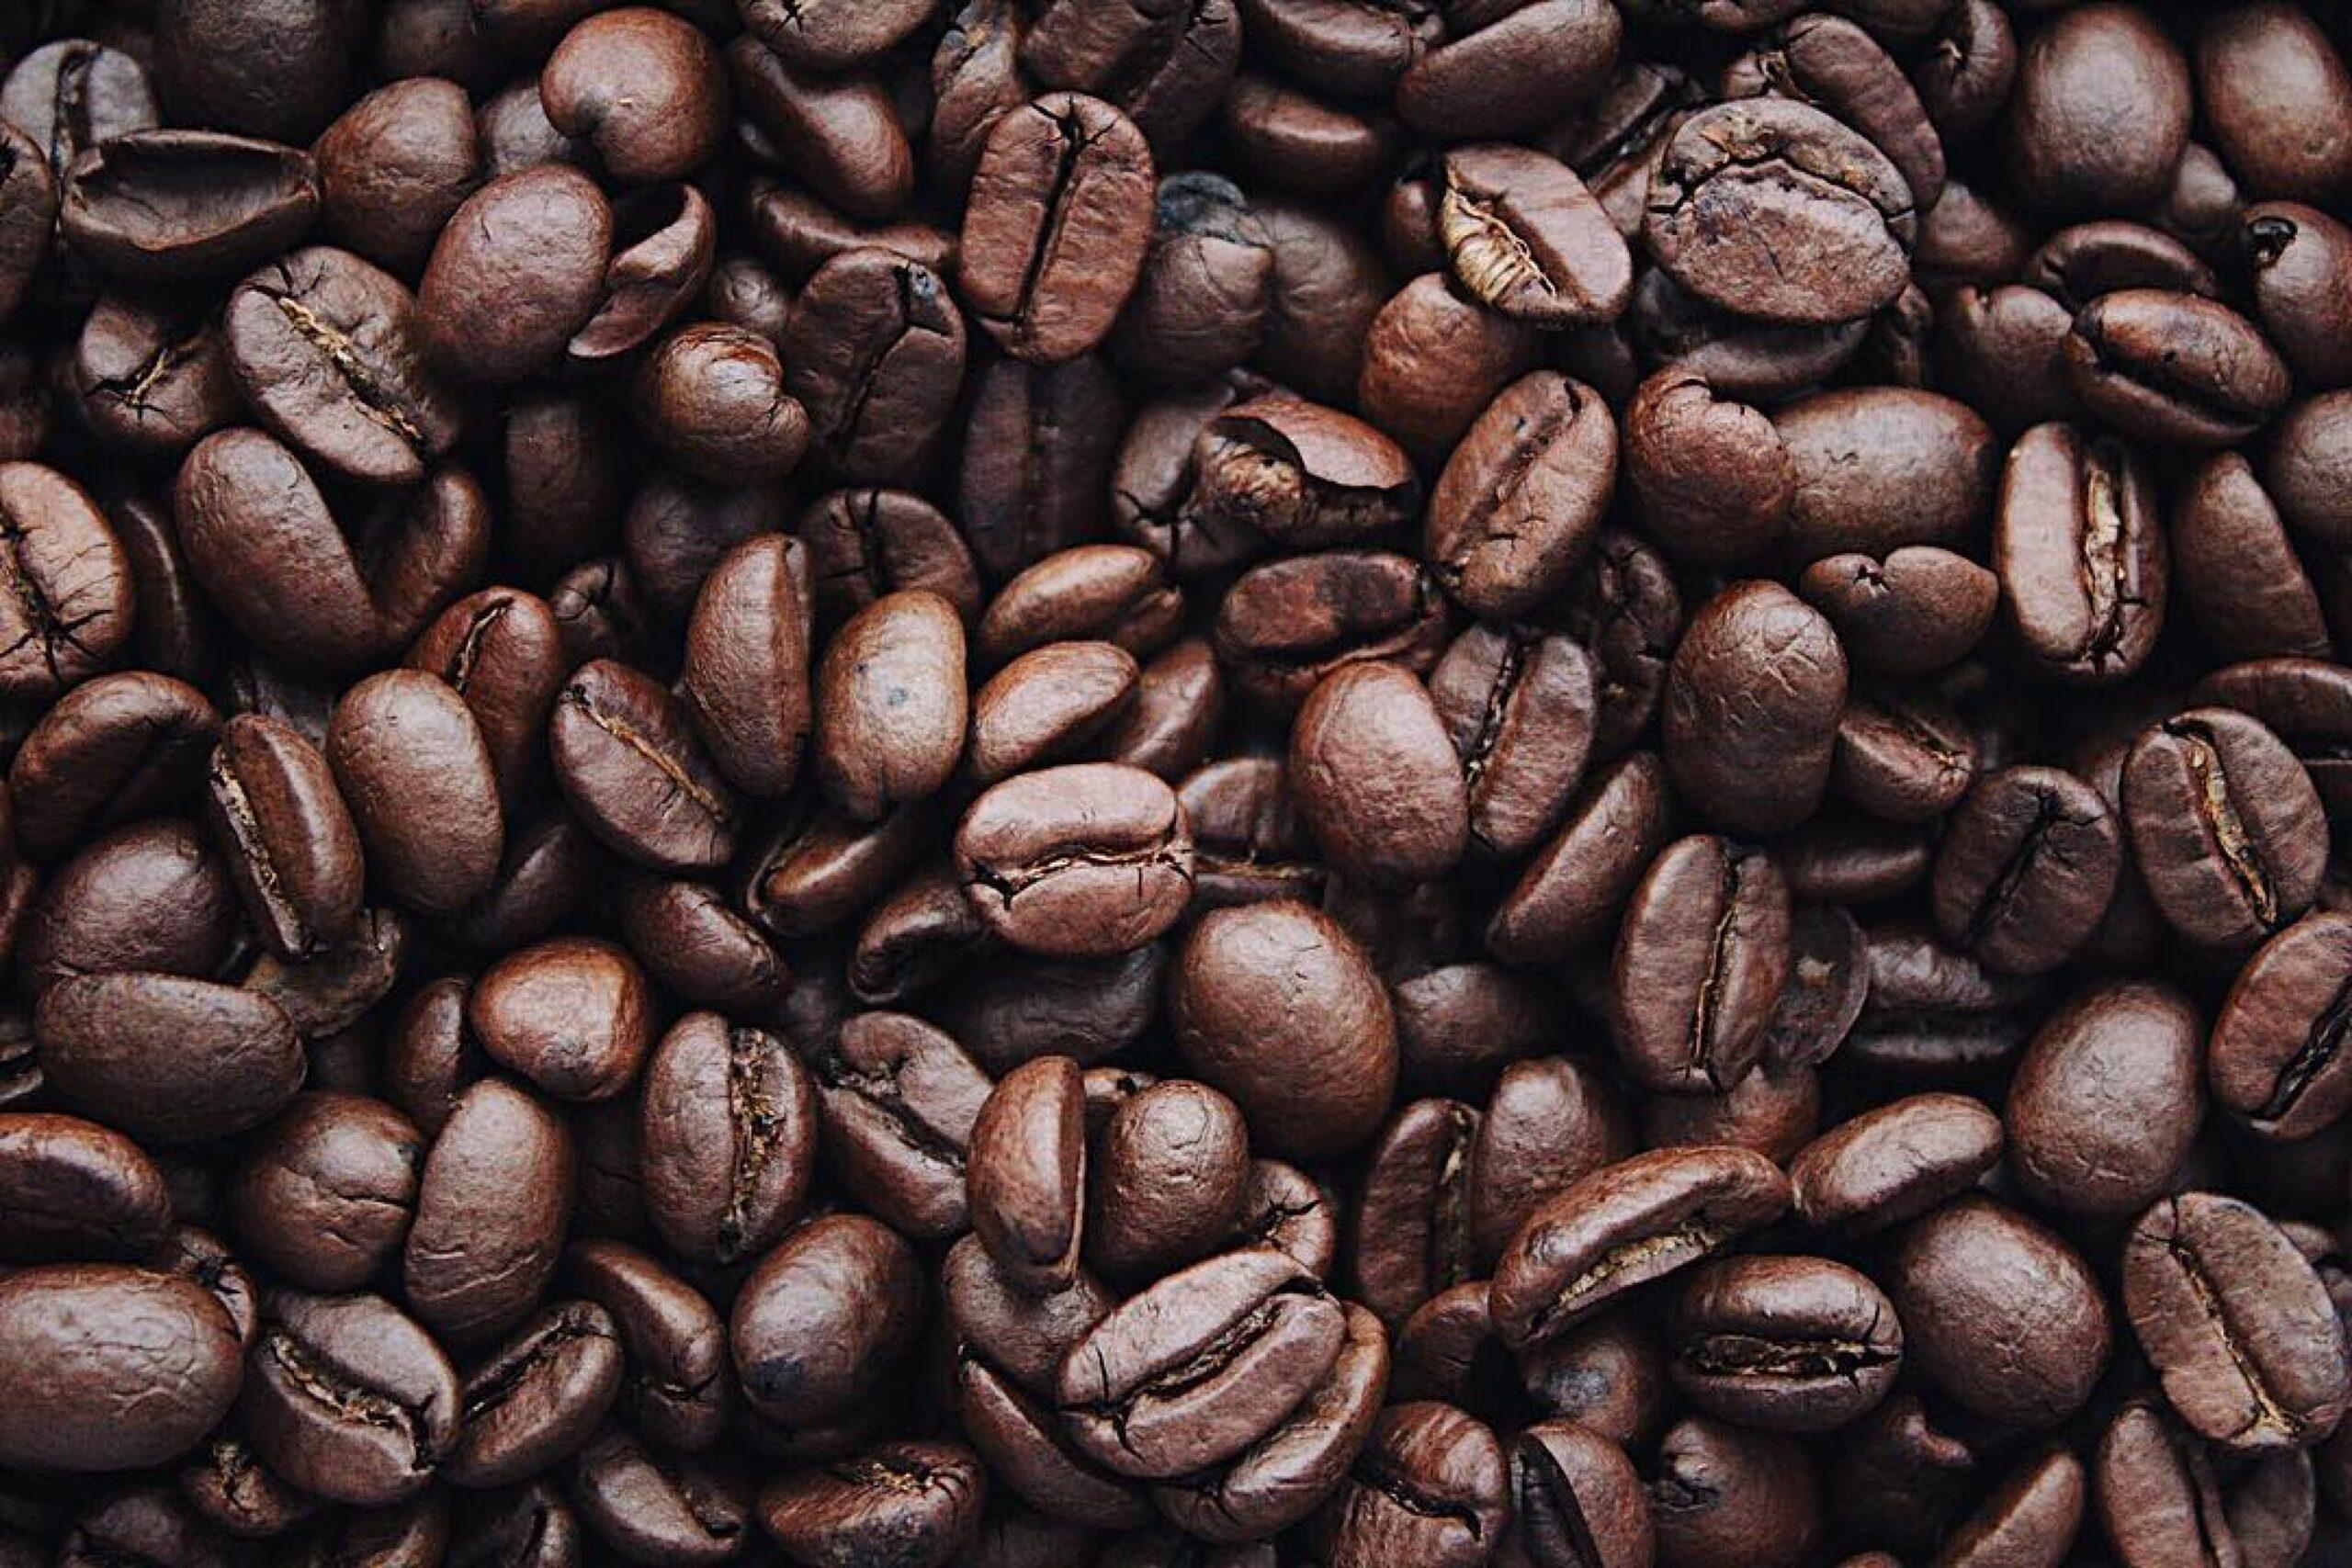 Un millón de sacos de café varados en Colombia por el paro nacional